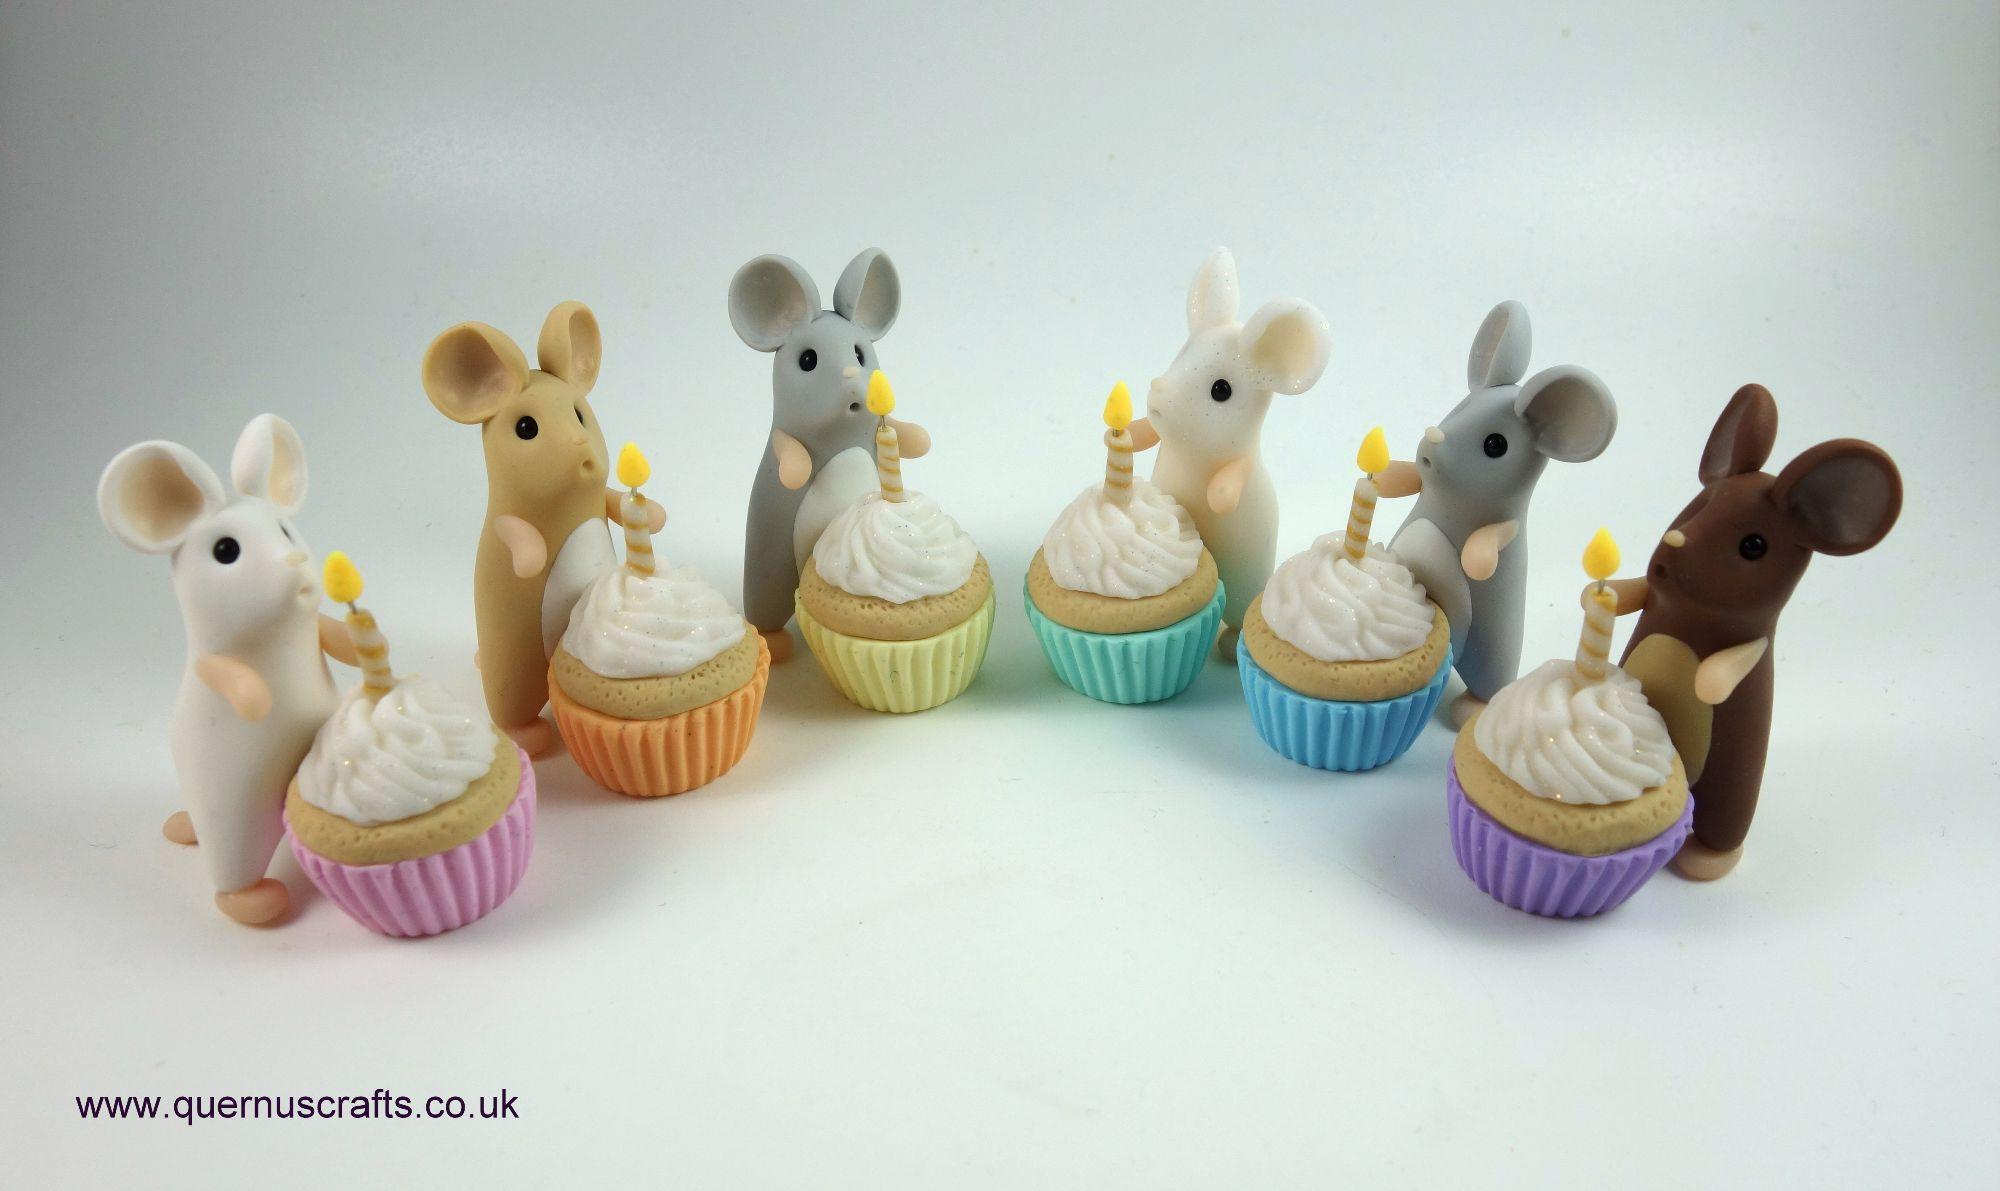 May - Wee Birthday Cupcake Mice